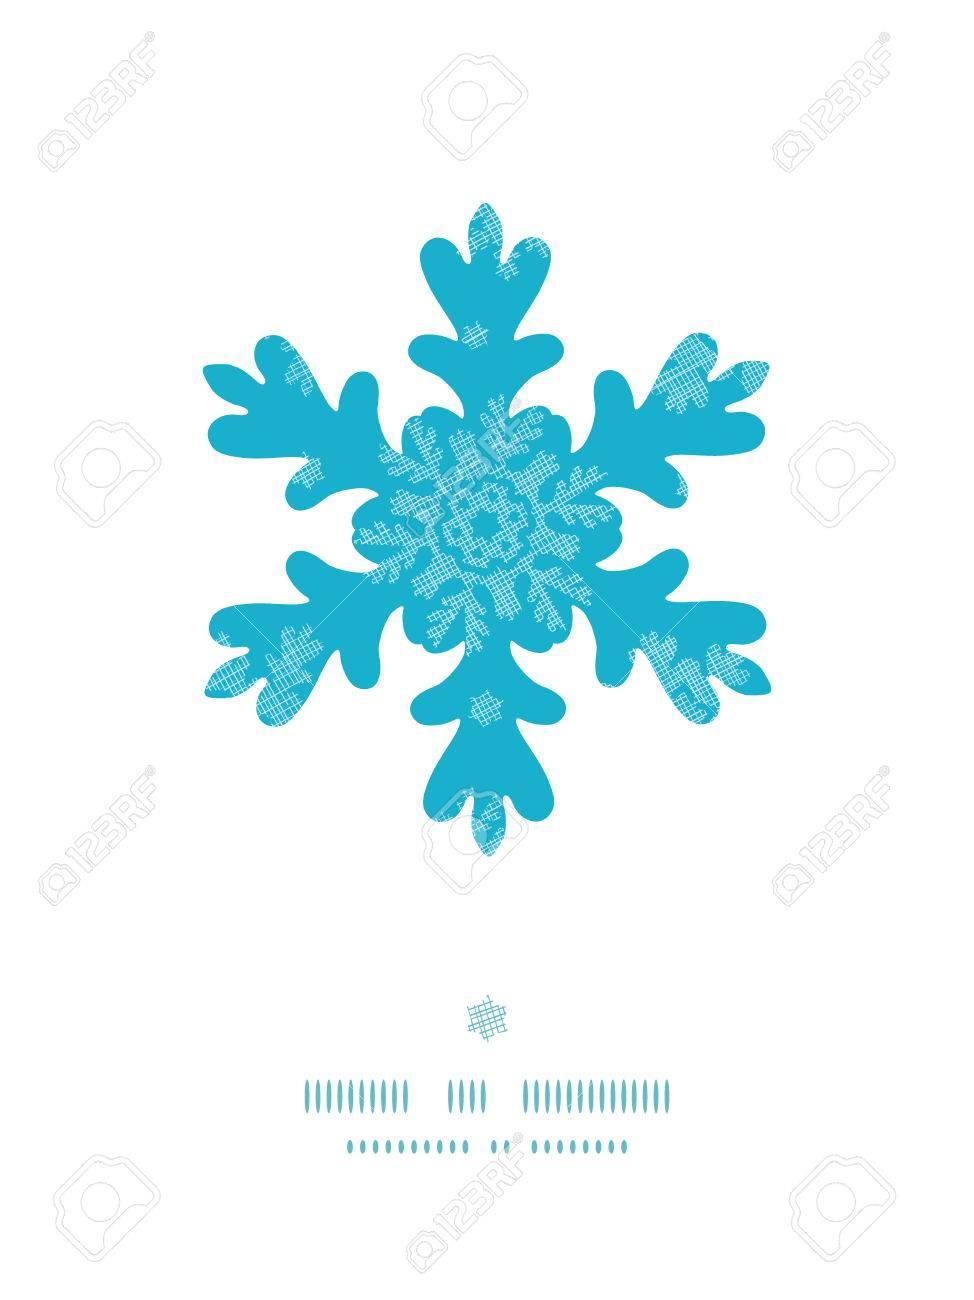 Foto Fiocchi Di Natale.Cornice Di Fiocco Di Neve Di Natale Fiocchi Di Neve Blu Tessile Senza Soluzione Di Continuita Di Fondo Del Modello